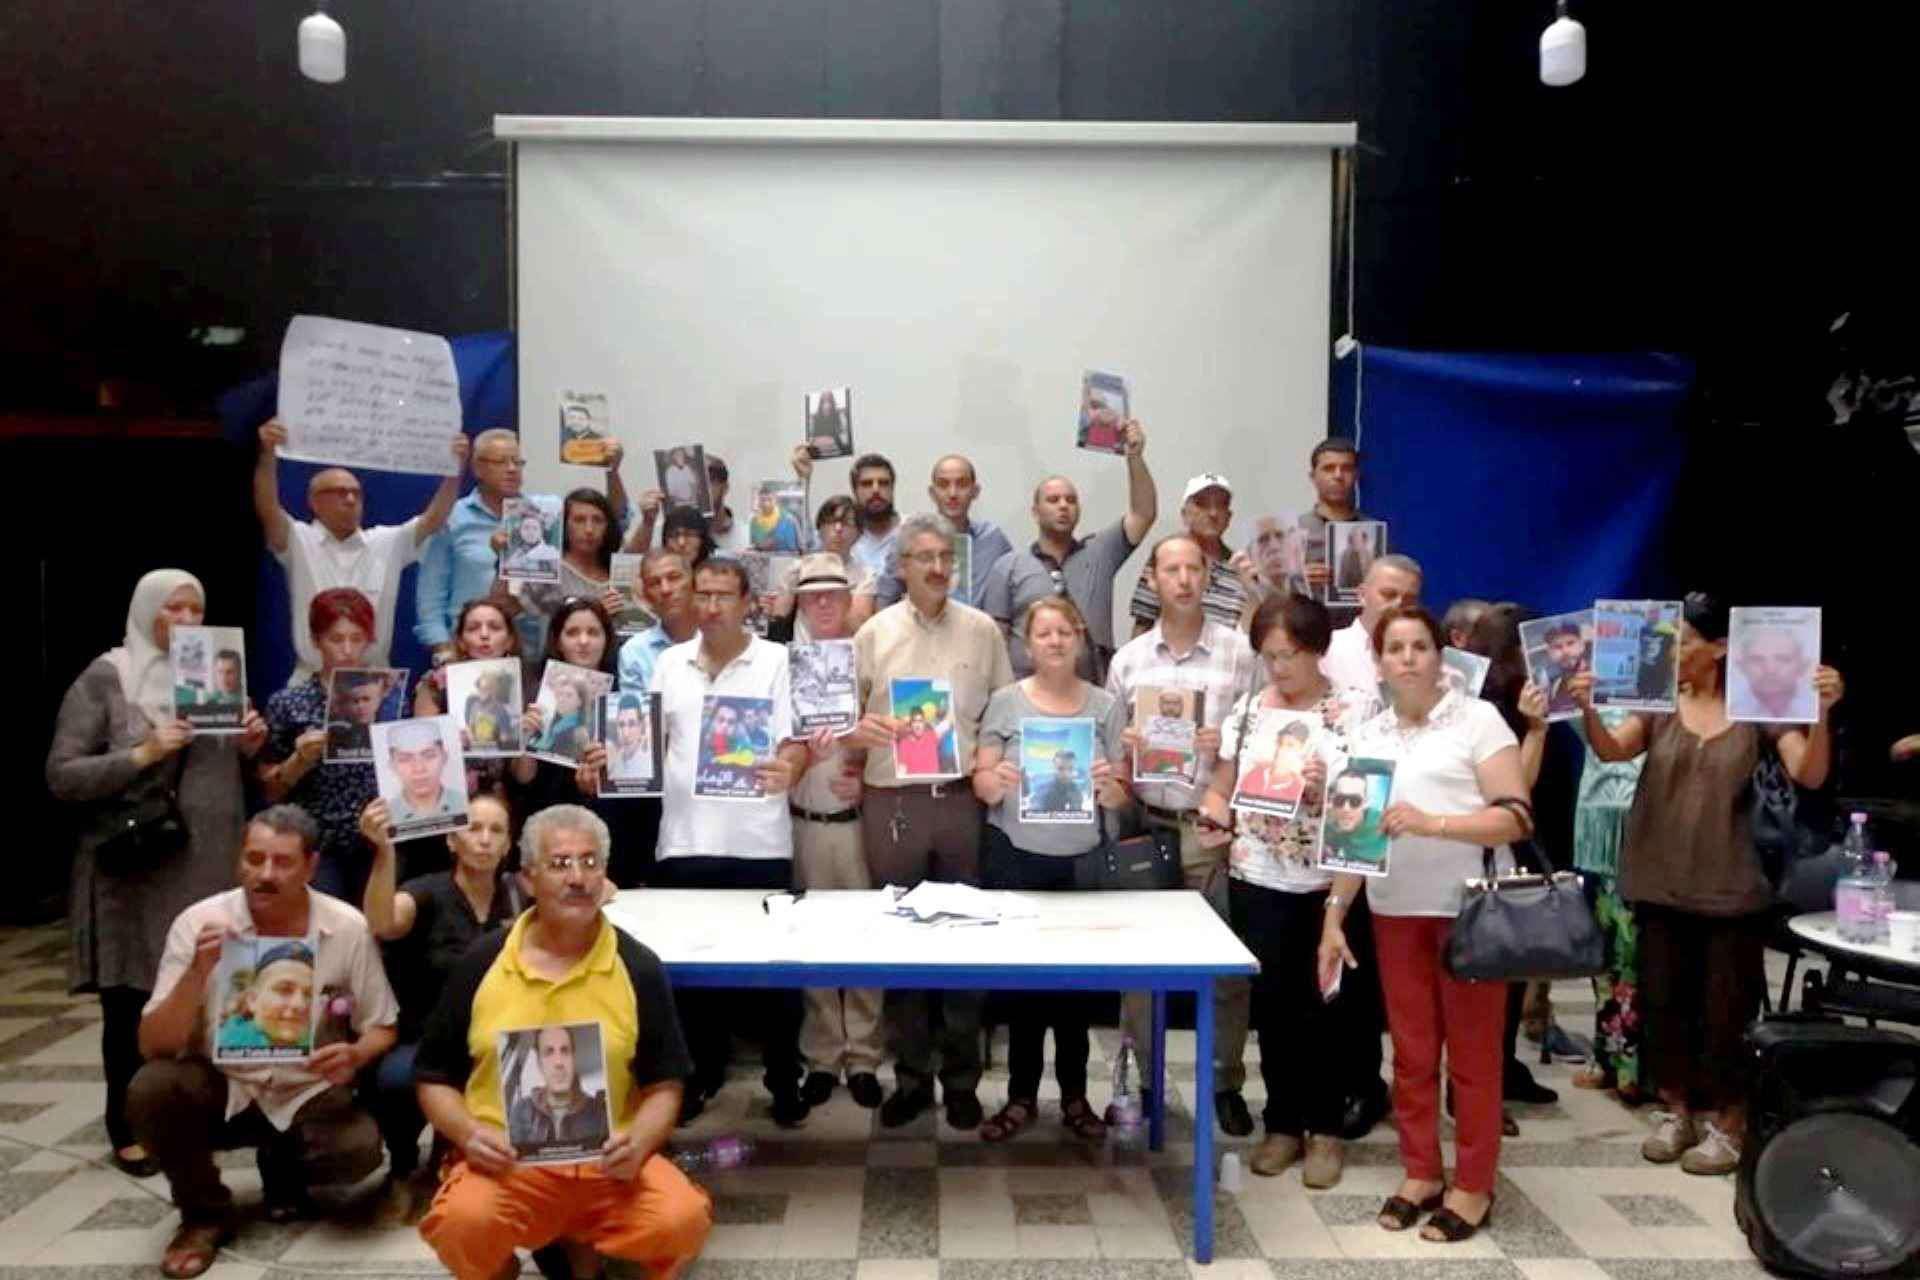 © DR | Comité national pour la libération des détenus (CNLD)